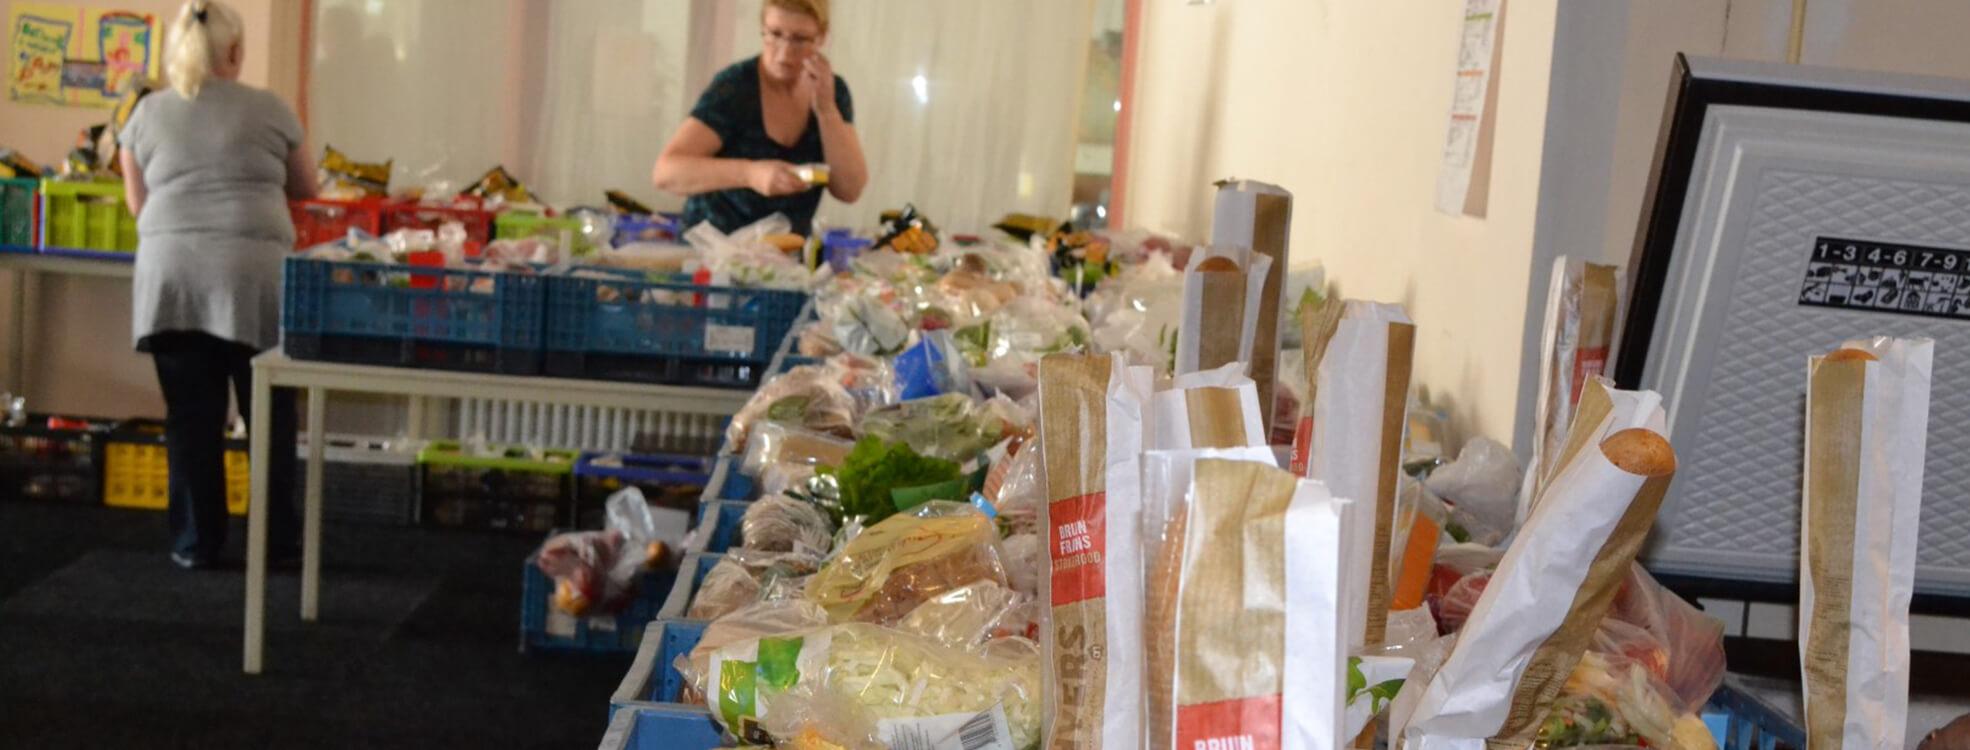 home-slider-voedselbank-pakket